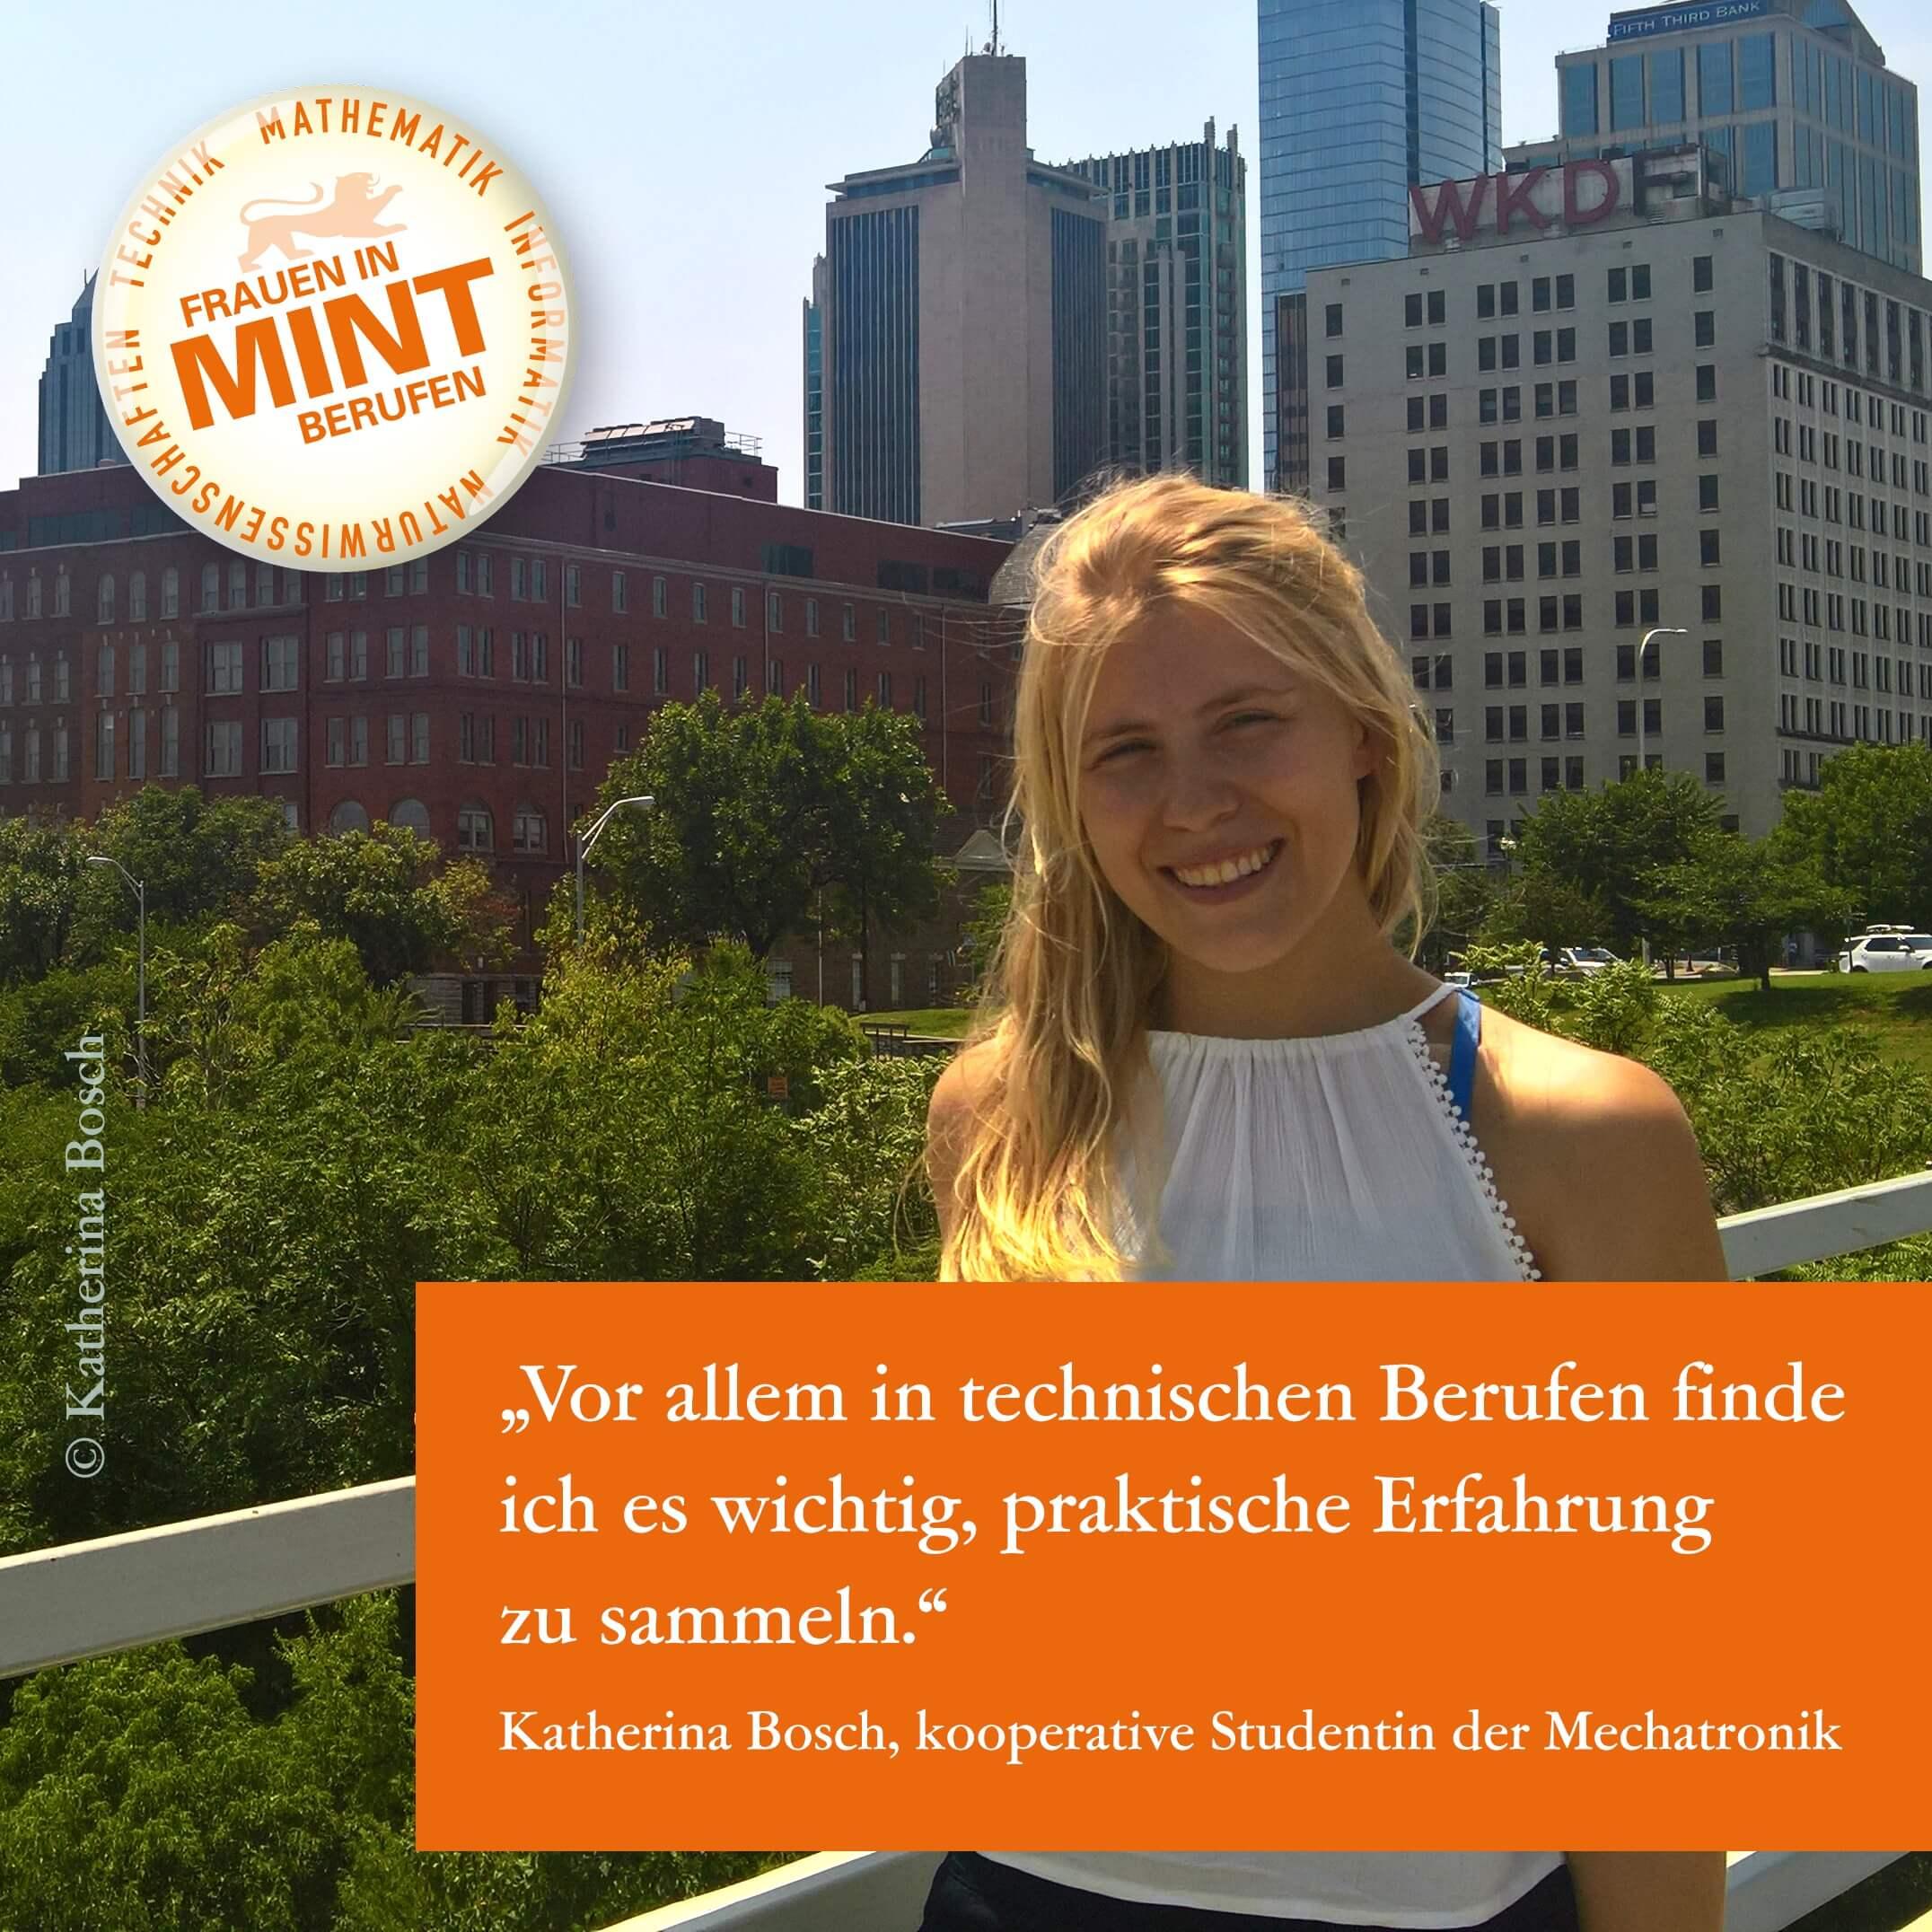 Ausbildung und Studium in einem: Katherina studiert kooperativ